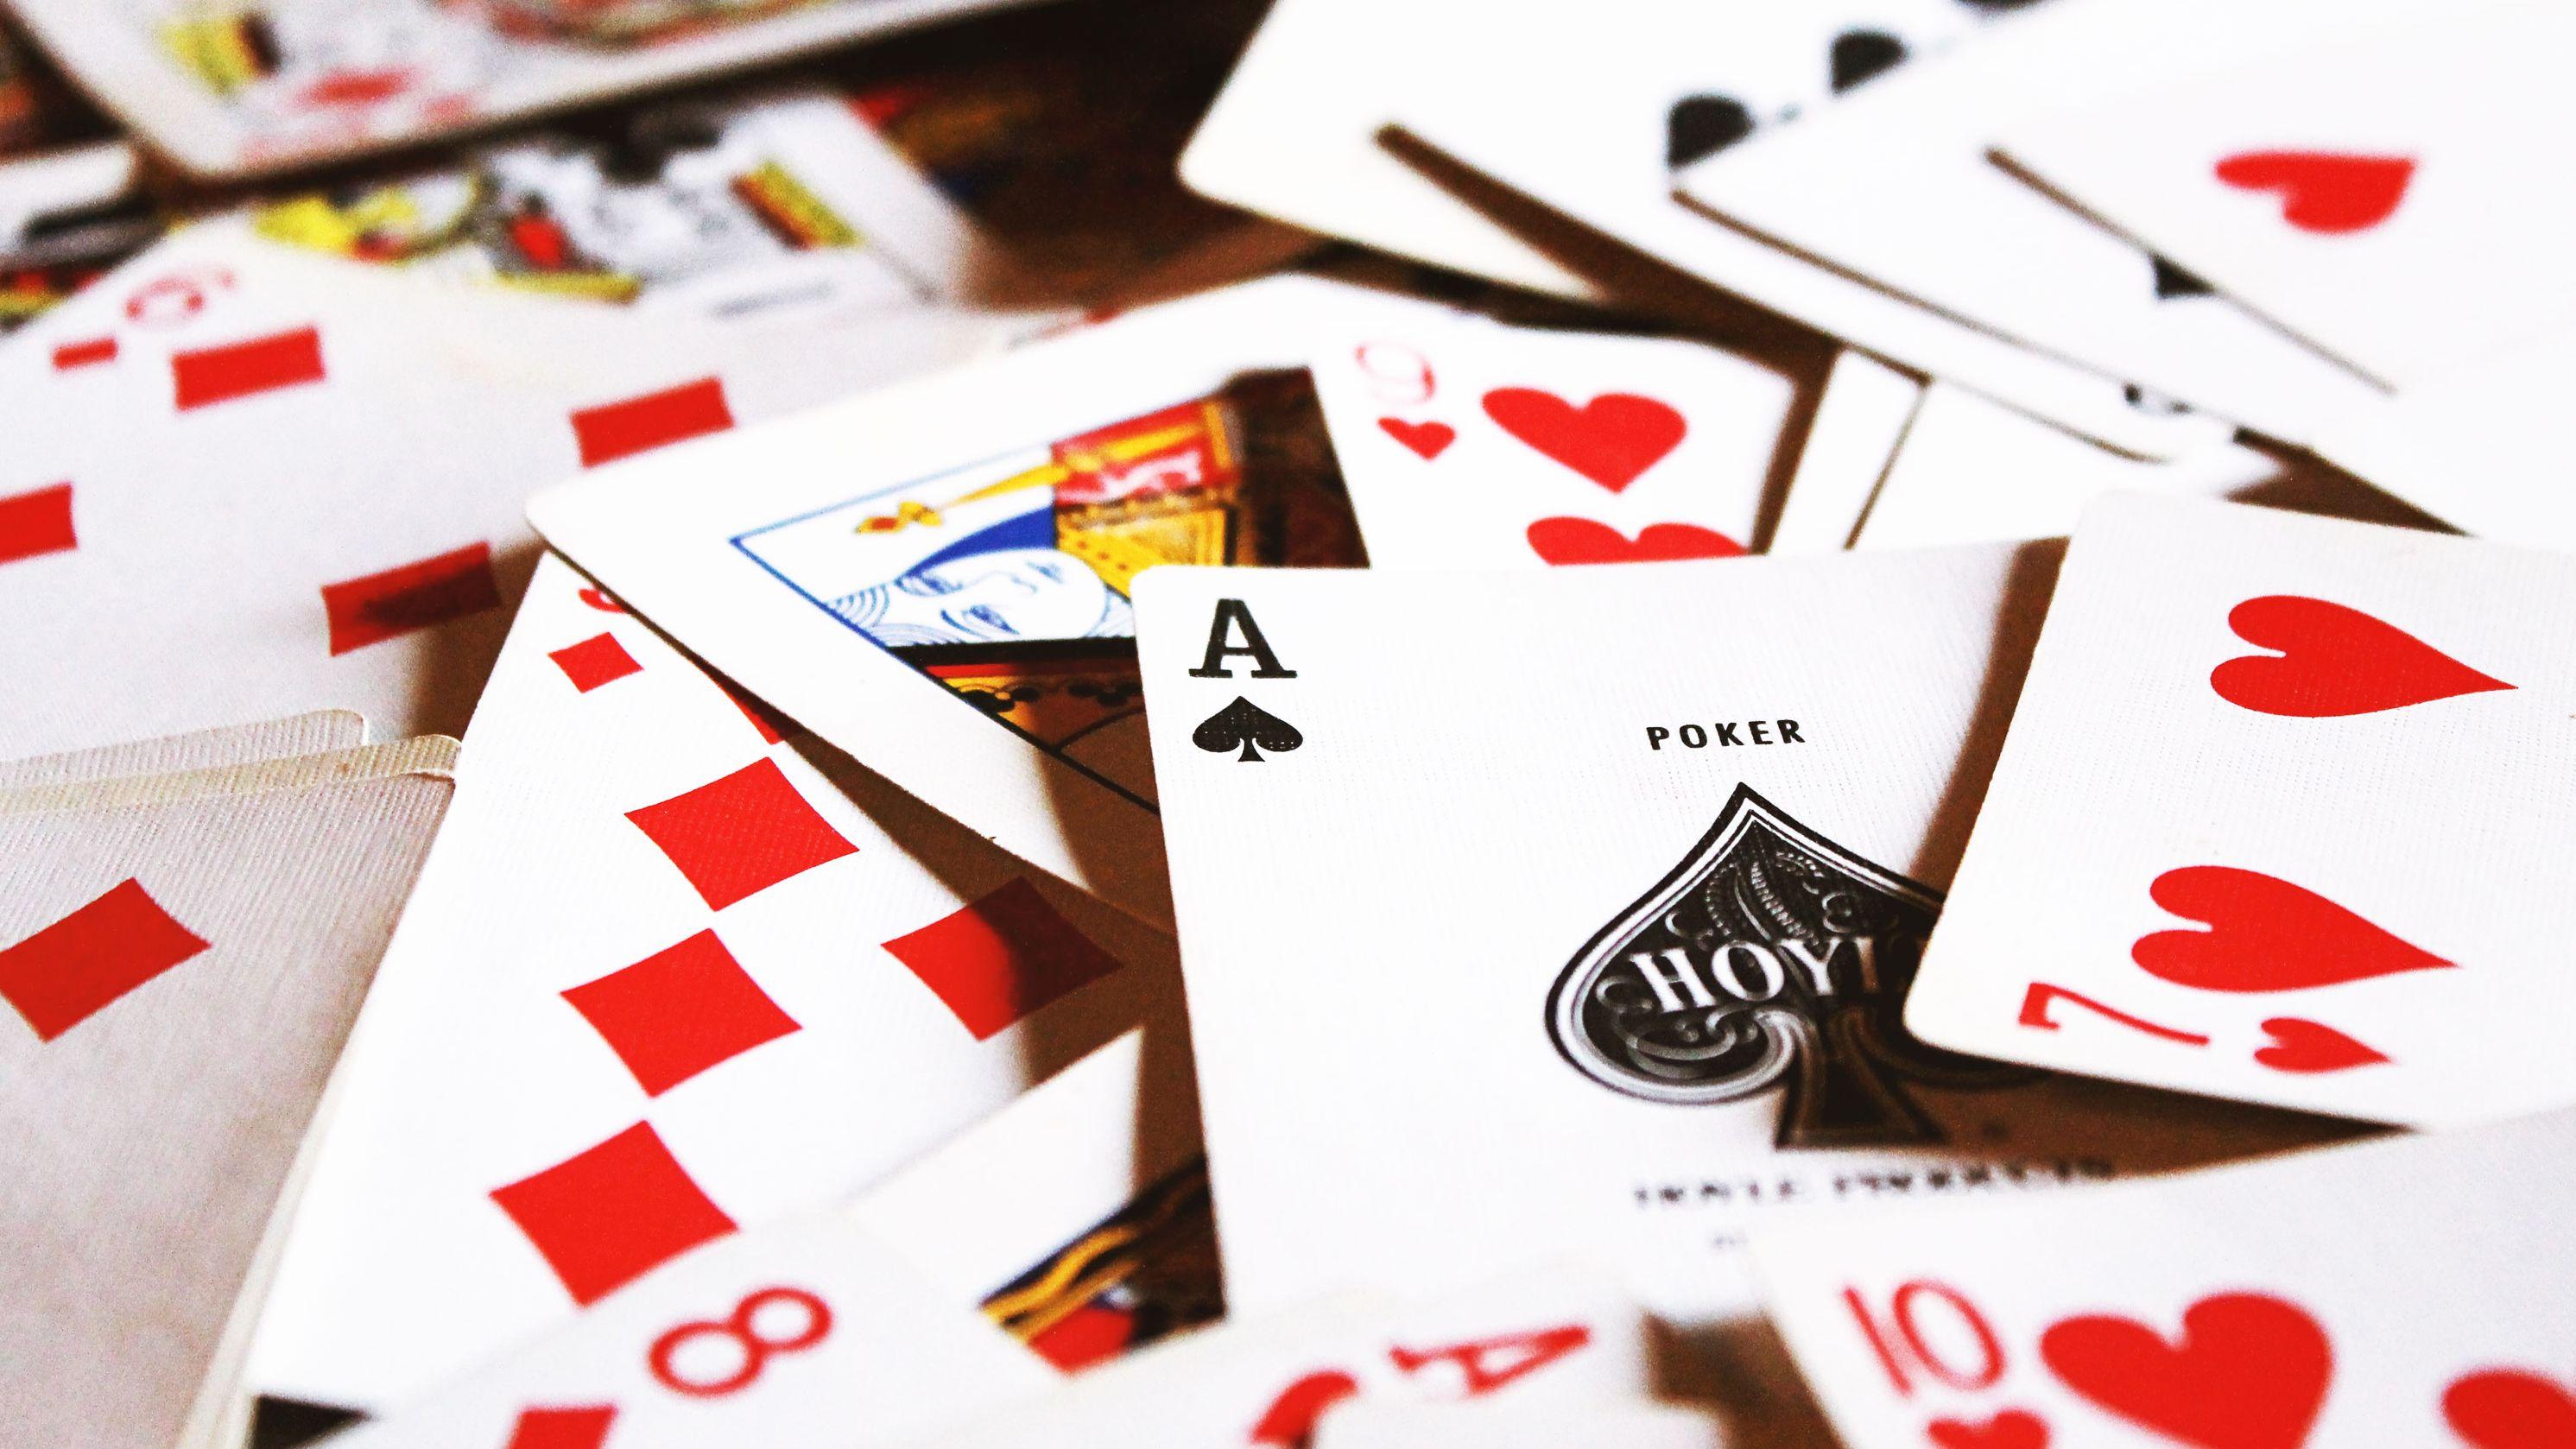 フェイスブックが作った ポーカーAIがプロに圧勝、 強すぎて「非公開」